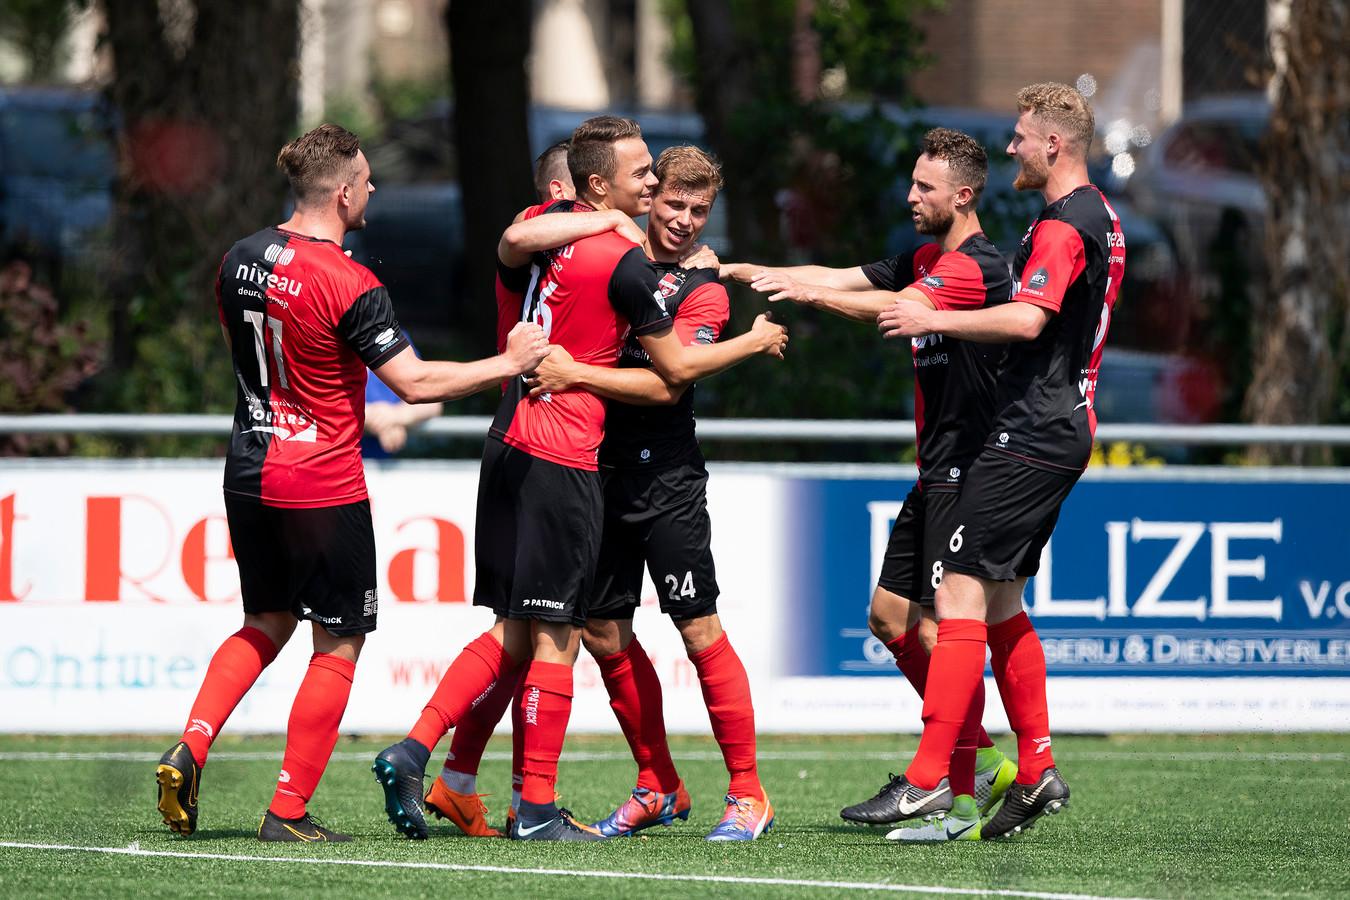 De Treffers viert de openingsgoal van Niek Versteegen (24) tegen De Dijk, afgelopen seizoen in de tweede divisie.